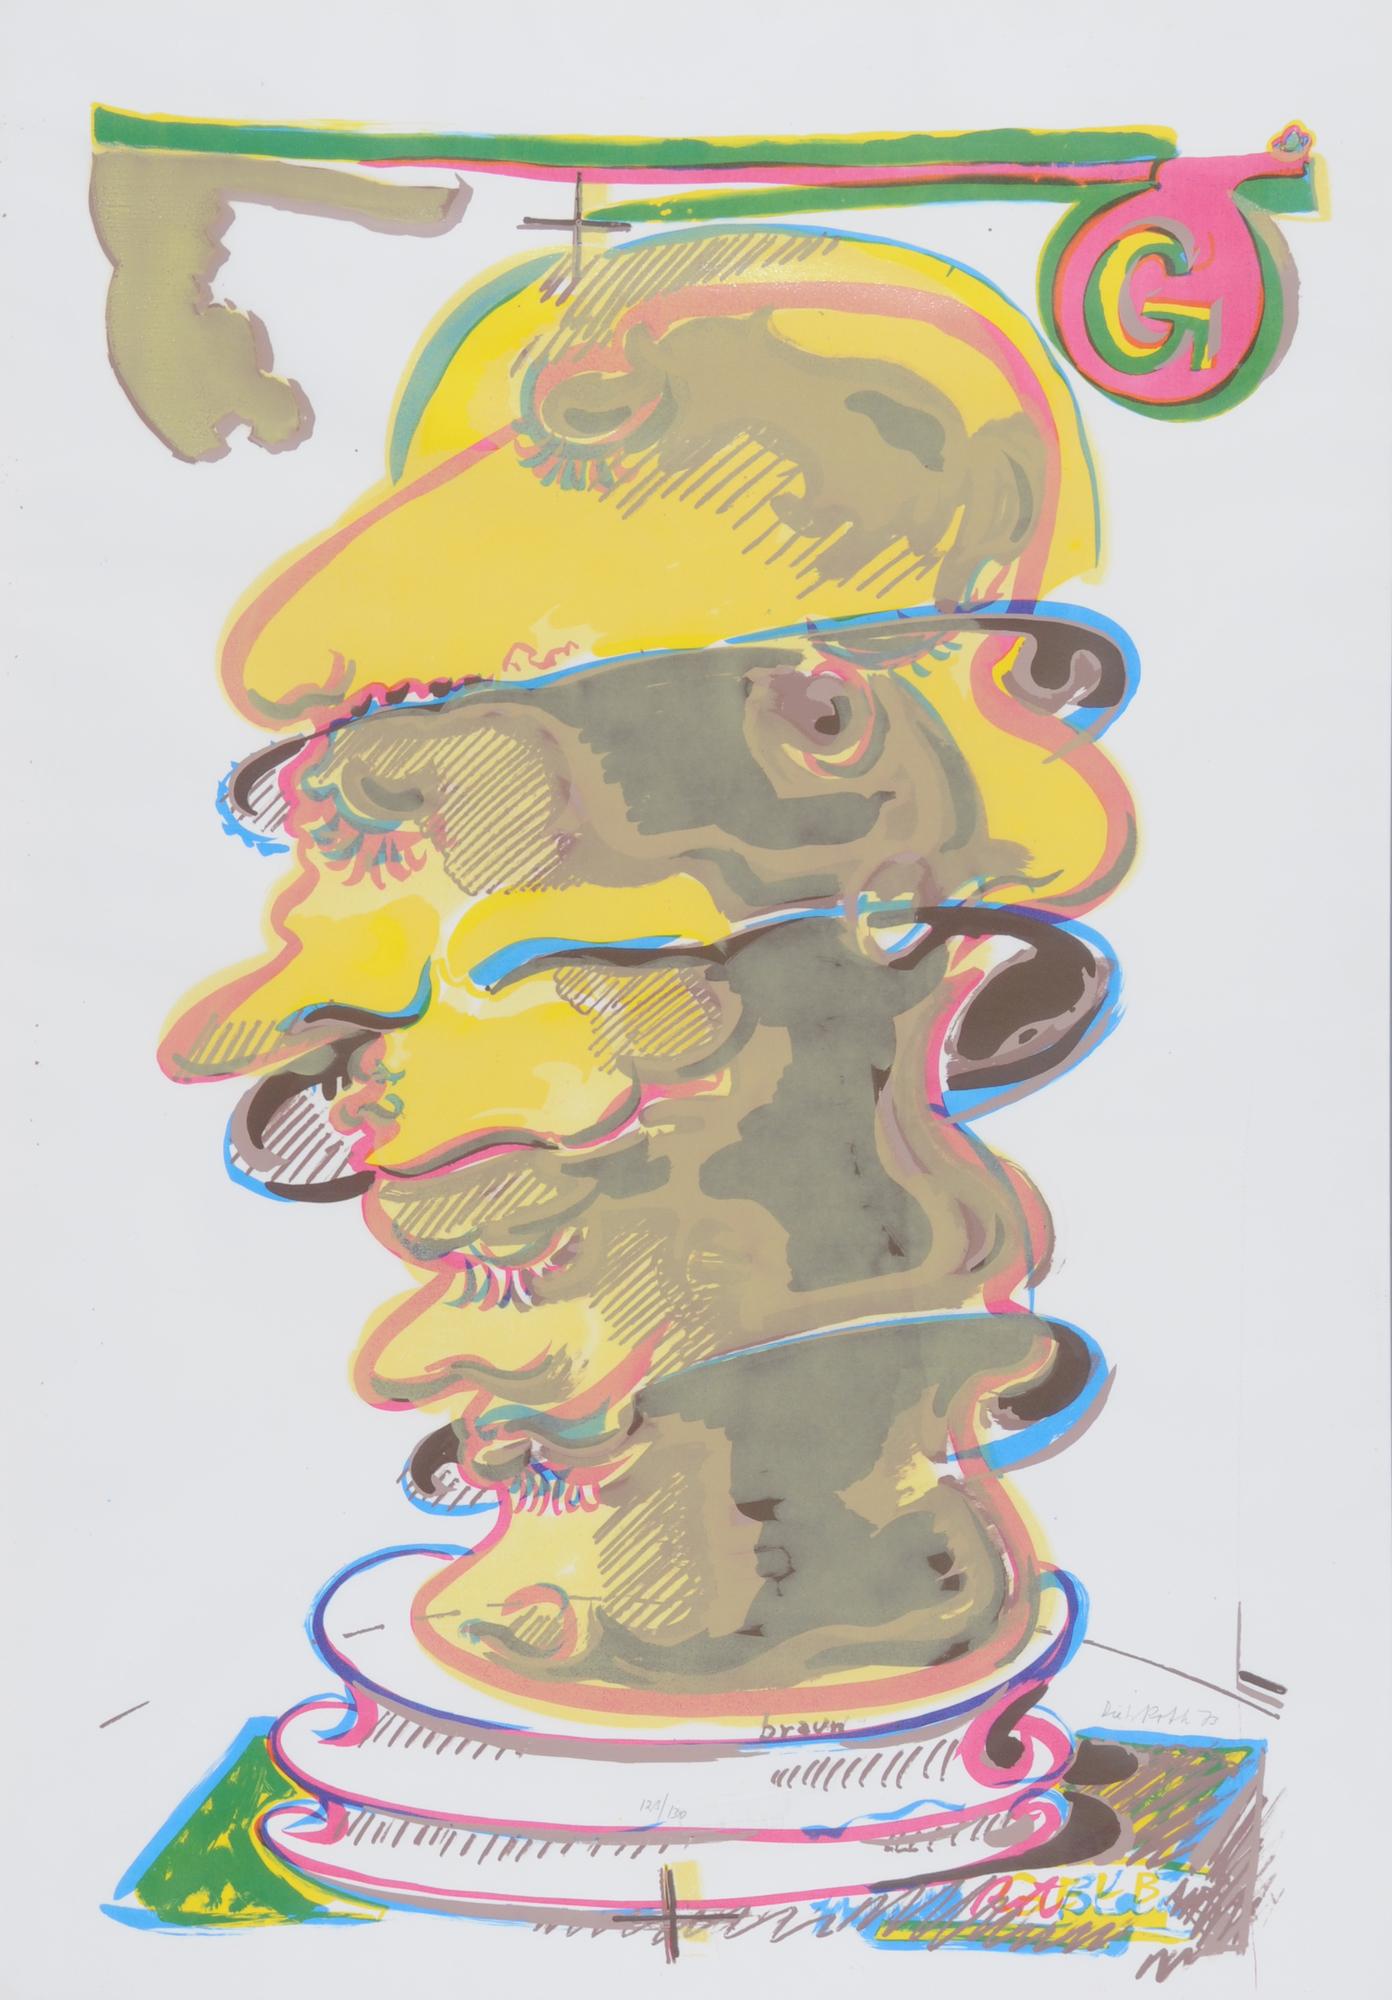 Roth Dieter, 2 sheets: 5 Herren, 1973; Gemischter Kopfsalat, 1977